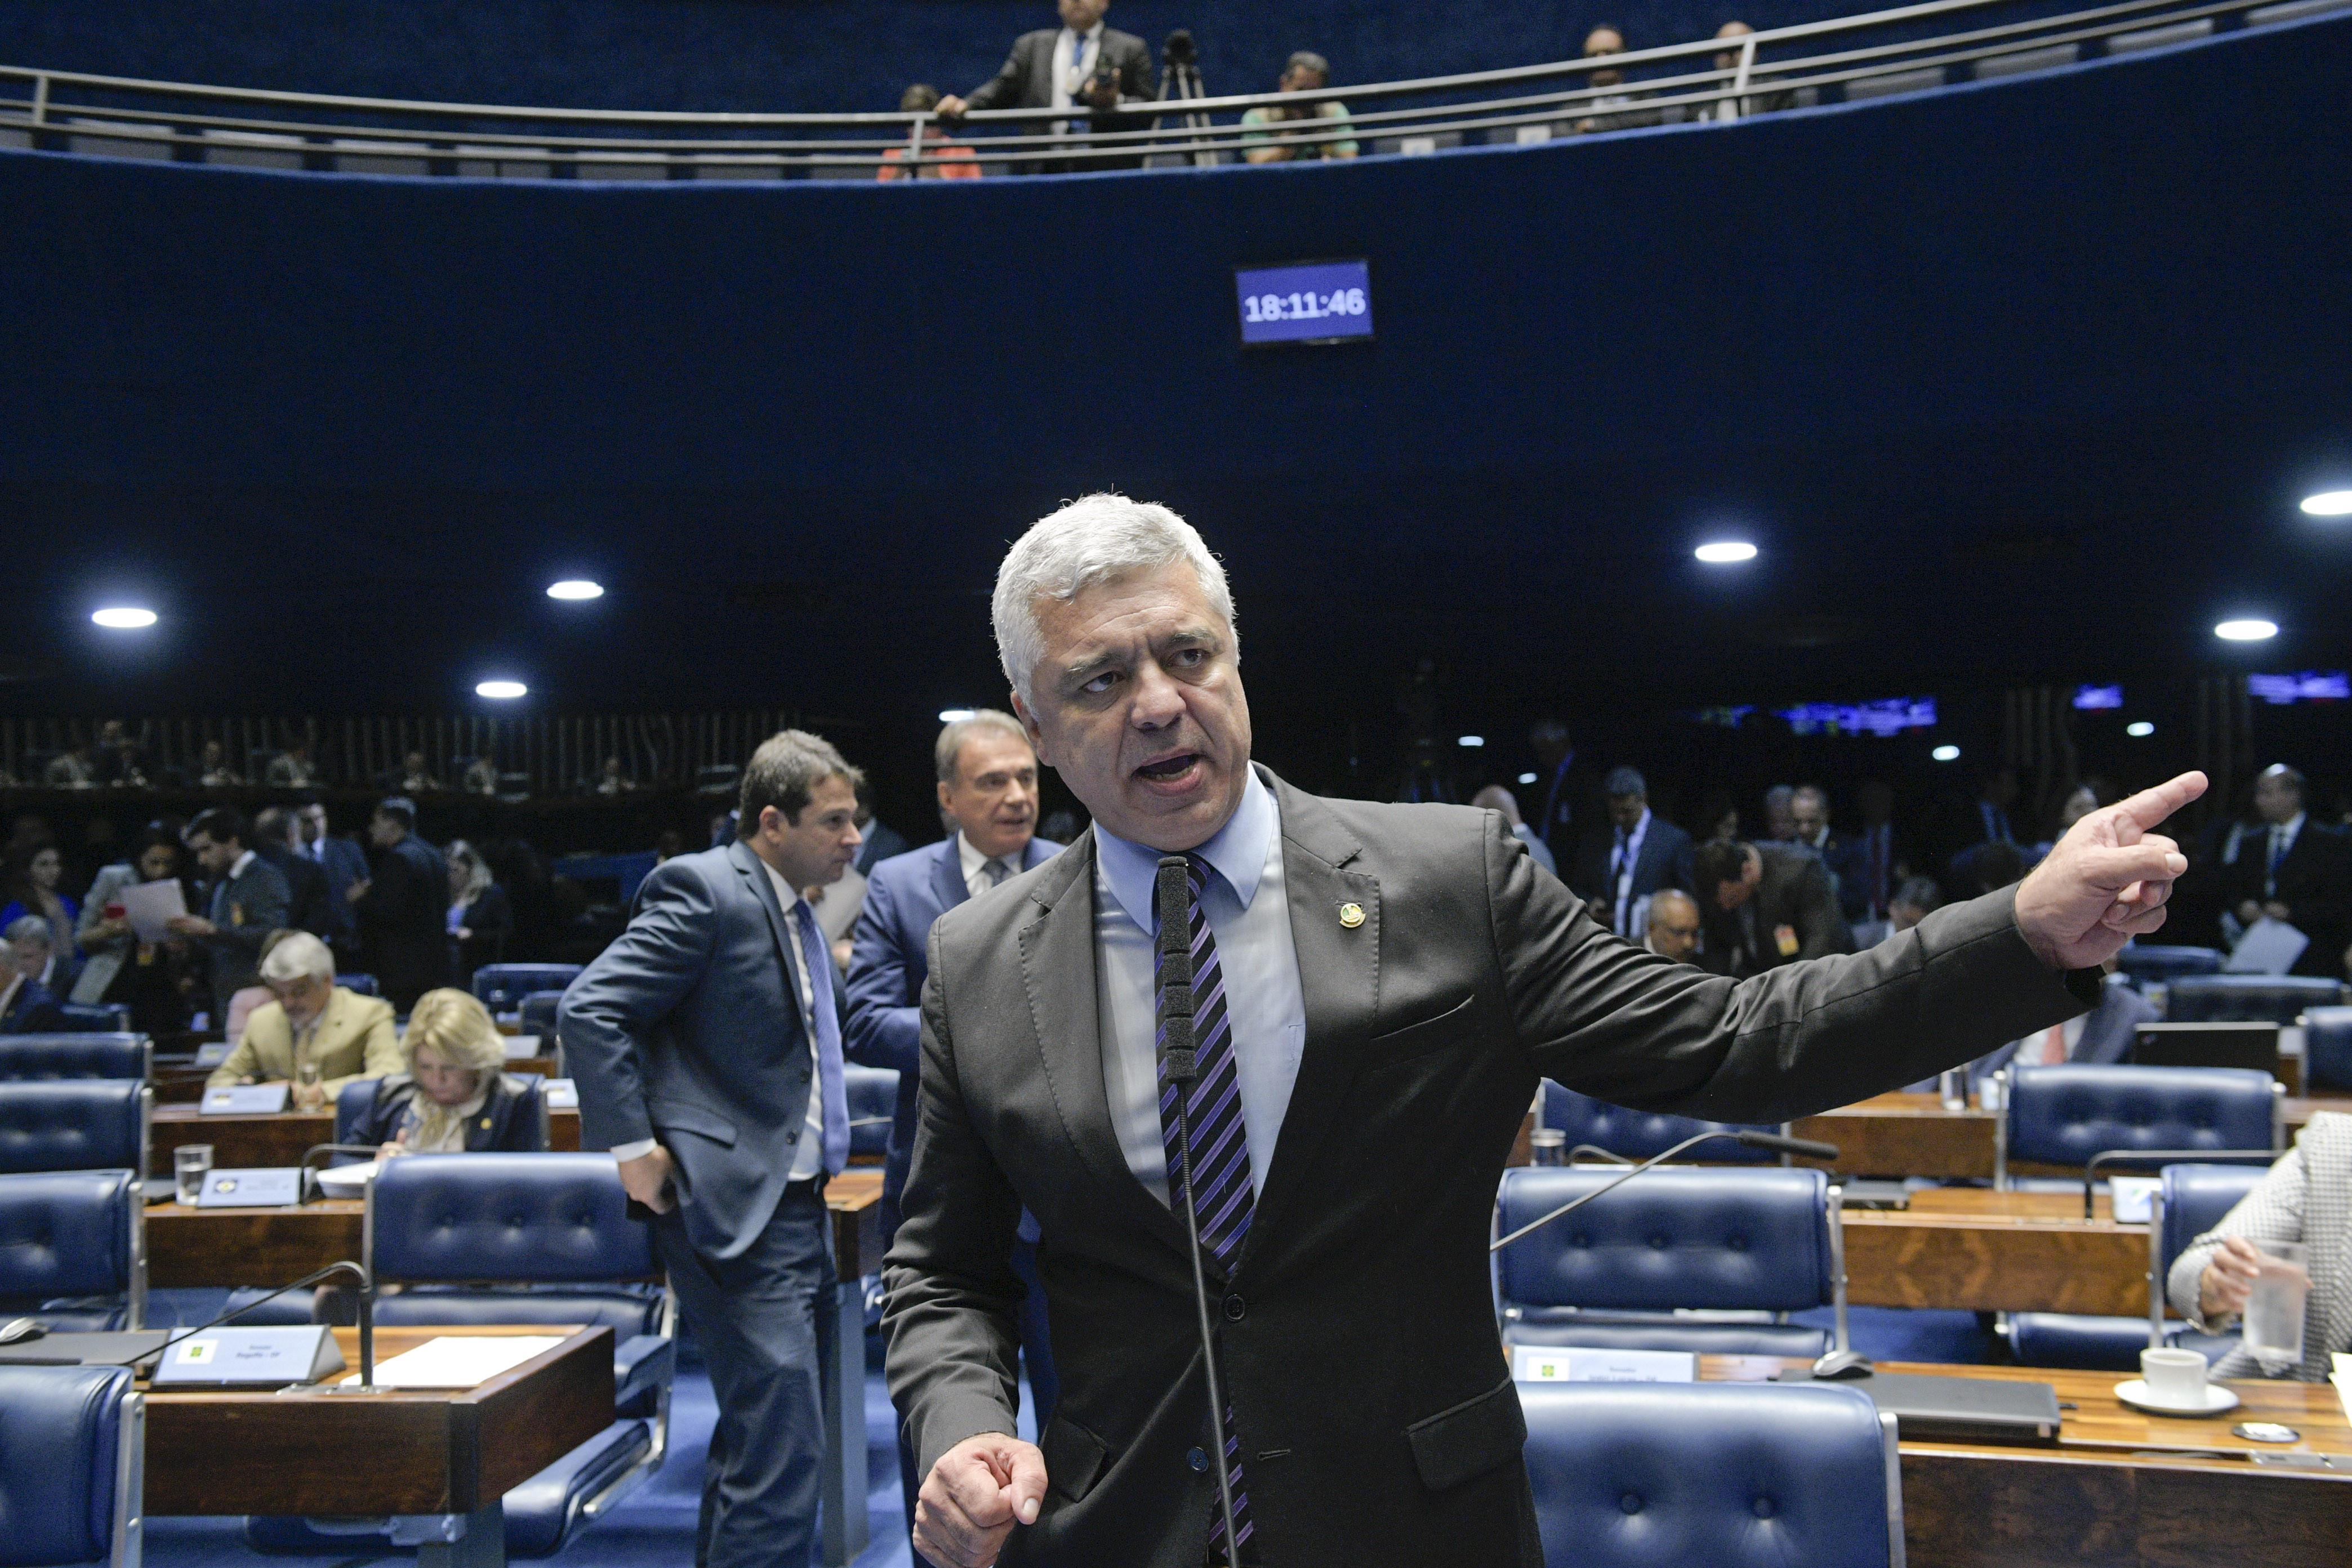 Senadores têm projeto contra decisão do STF sobre crimes eleitorais